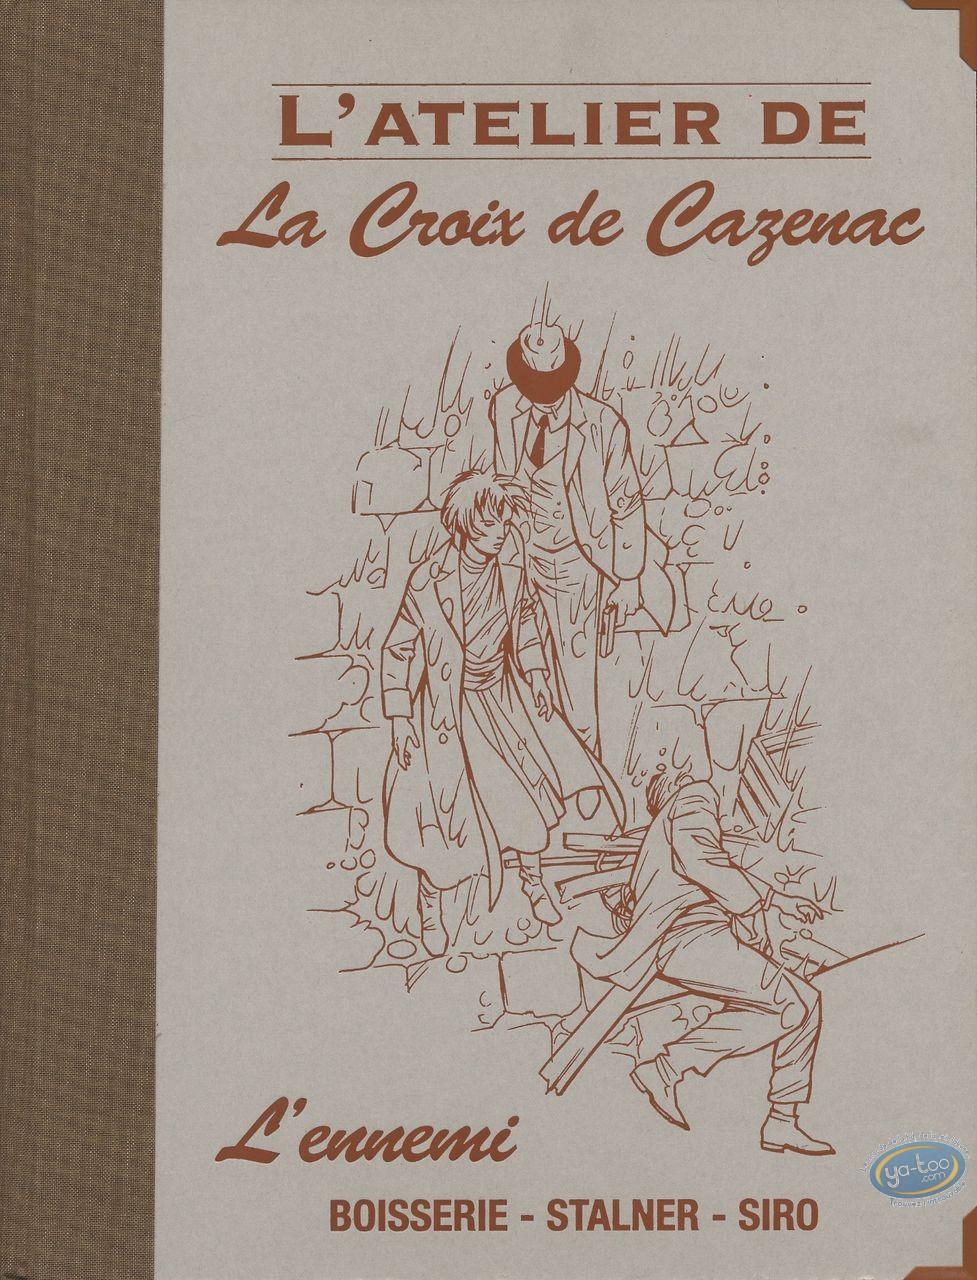 Edition spéciale, Croix de Cazenac (La) : L'atelier de La Croix de Cazeenac, L'ennemi